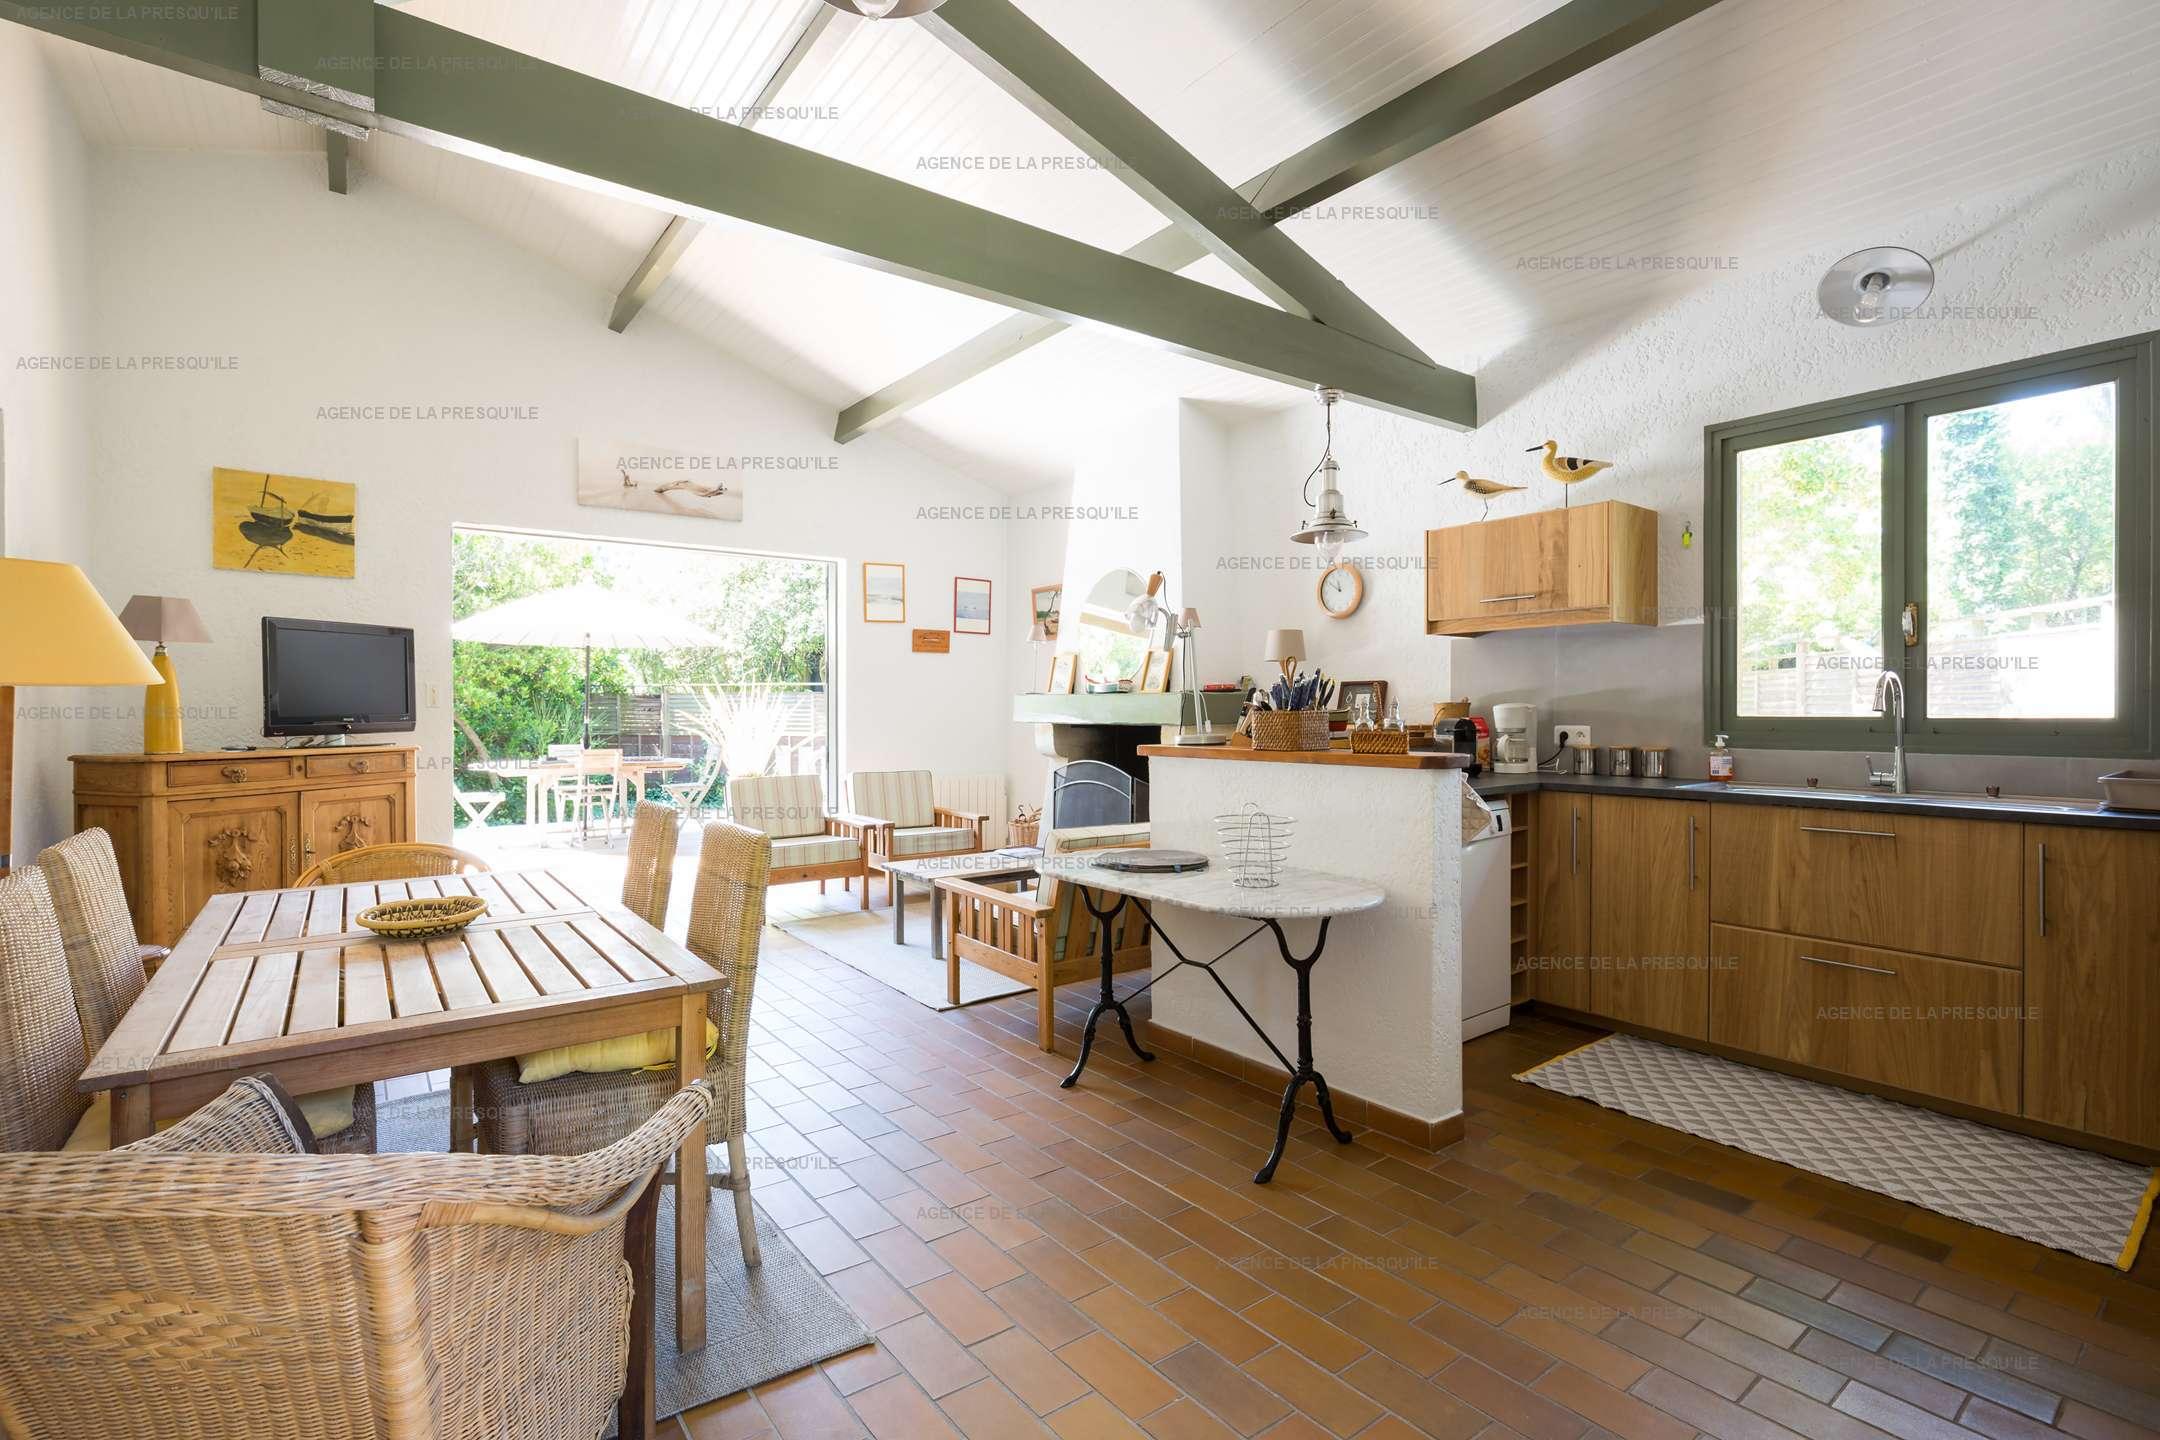 Location: Très agréable villa située au mimbeau 4